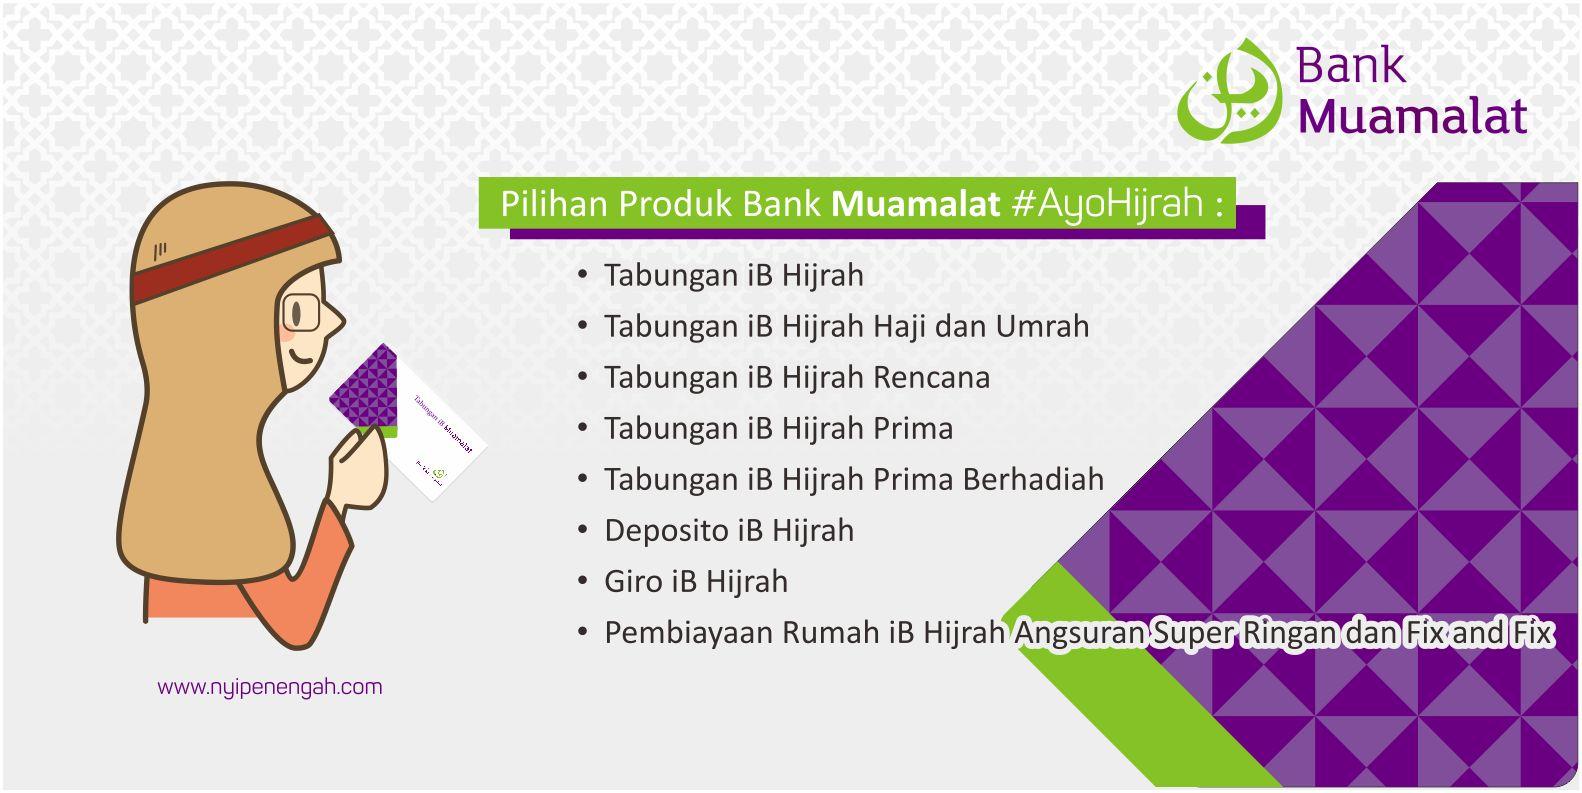 Ayohijrah Bareng Bank Muamalat Indonesia Agar Semakin Berkah Dan Bahagia